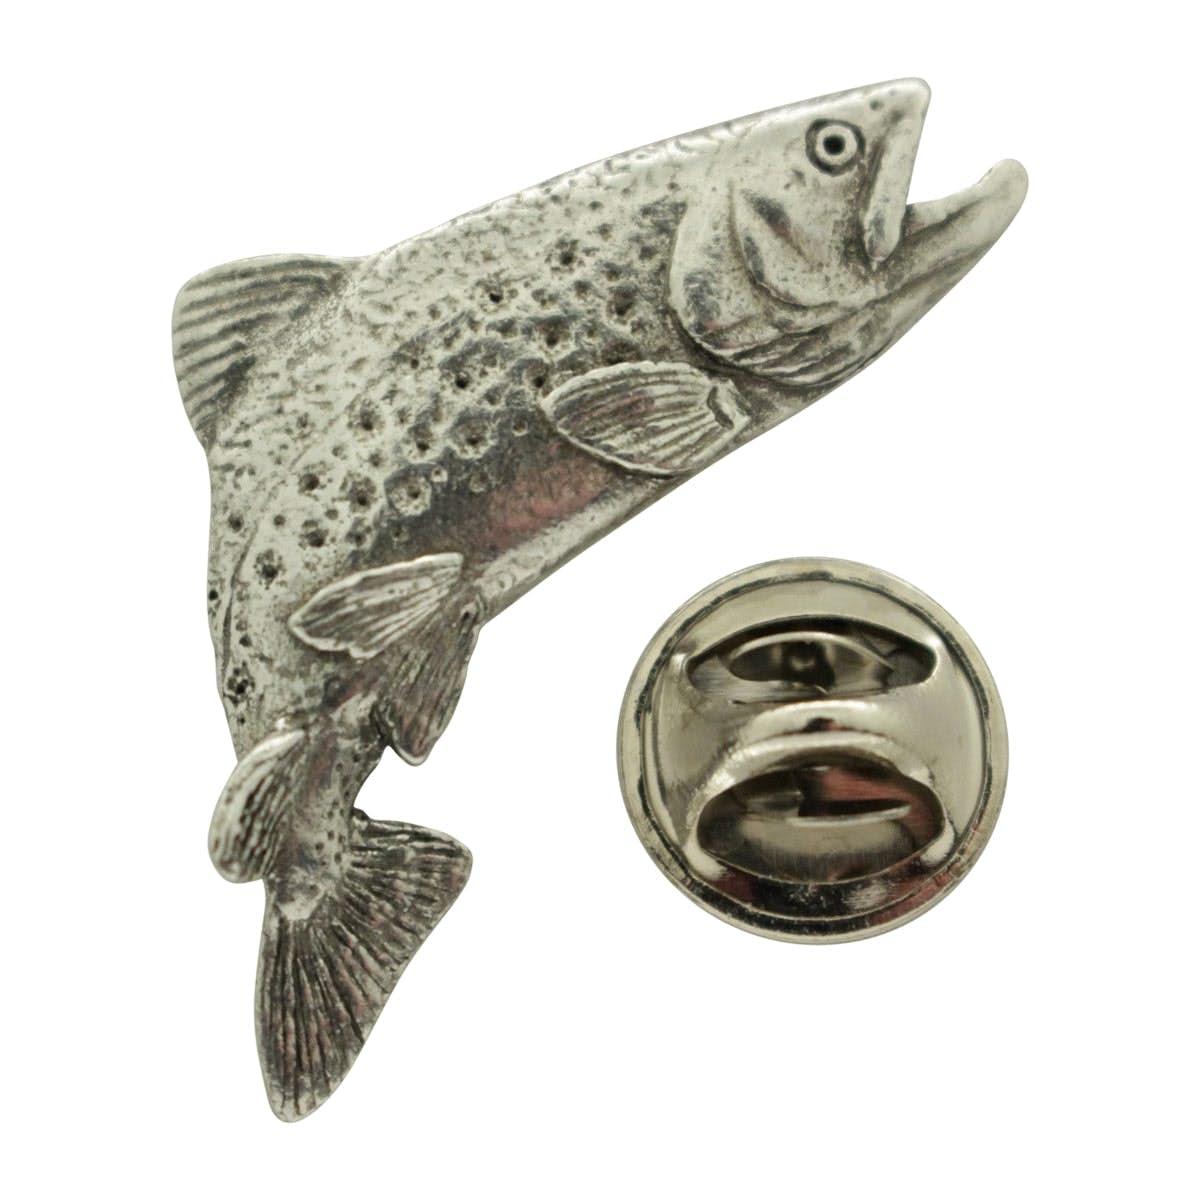 Stunning Leaping Salmon Metal Pin Badge